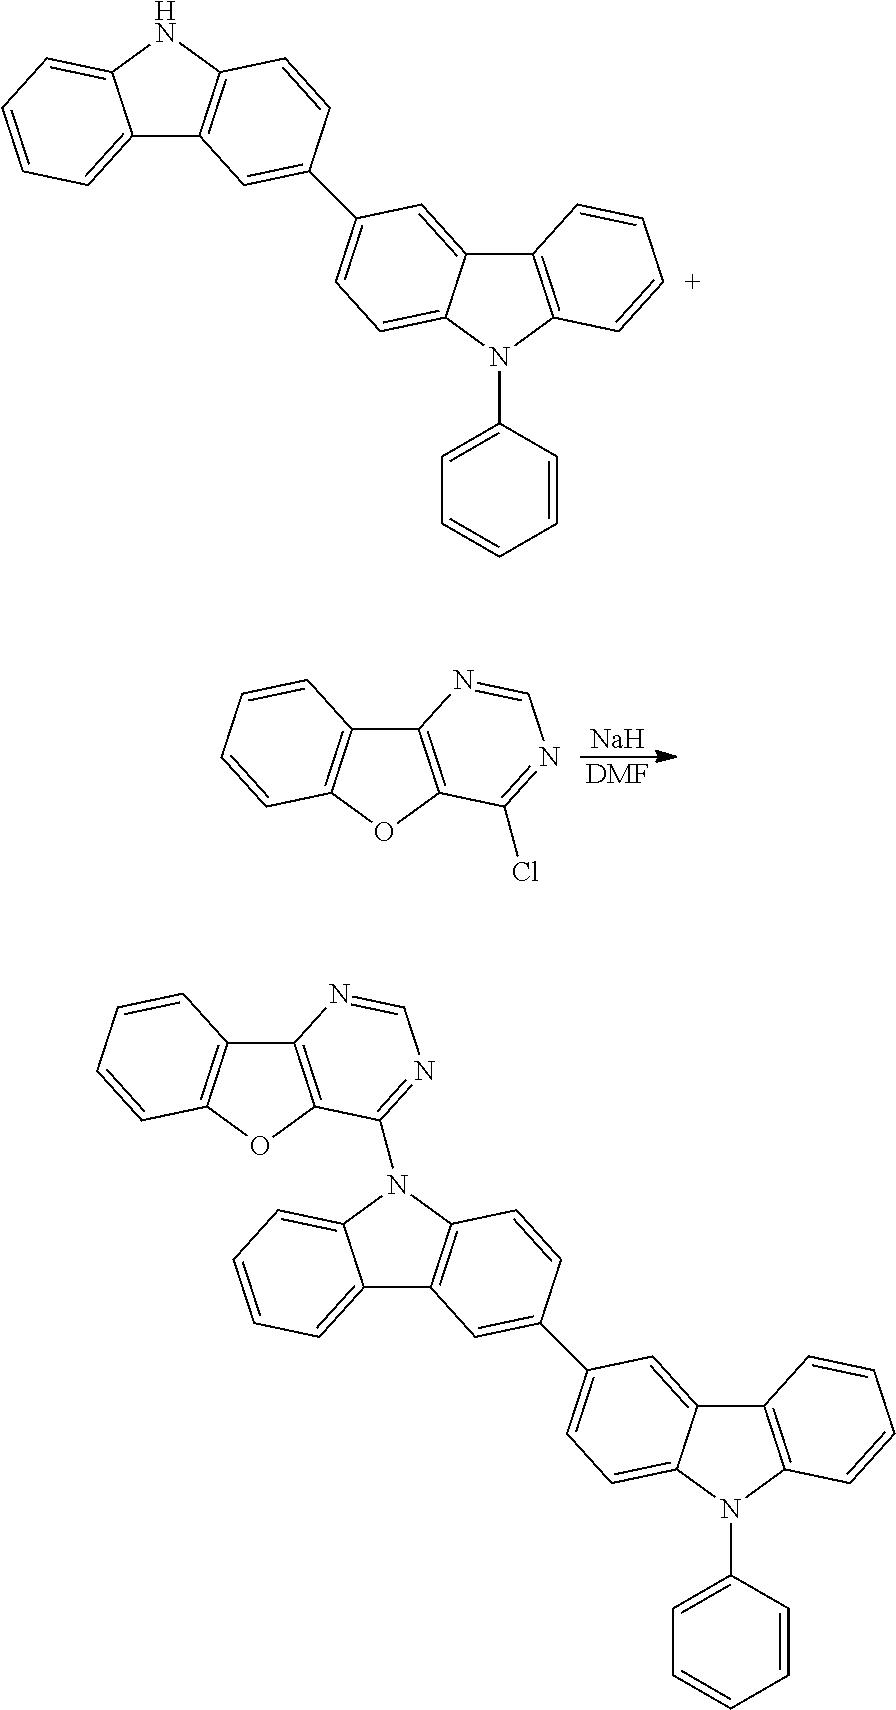 Figure US09324949-20160426-C00305